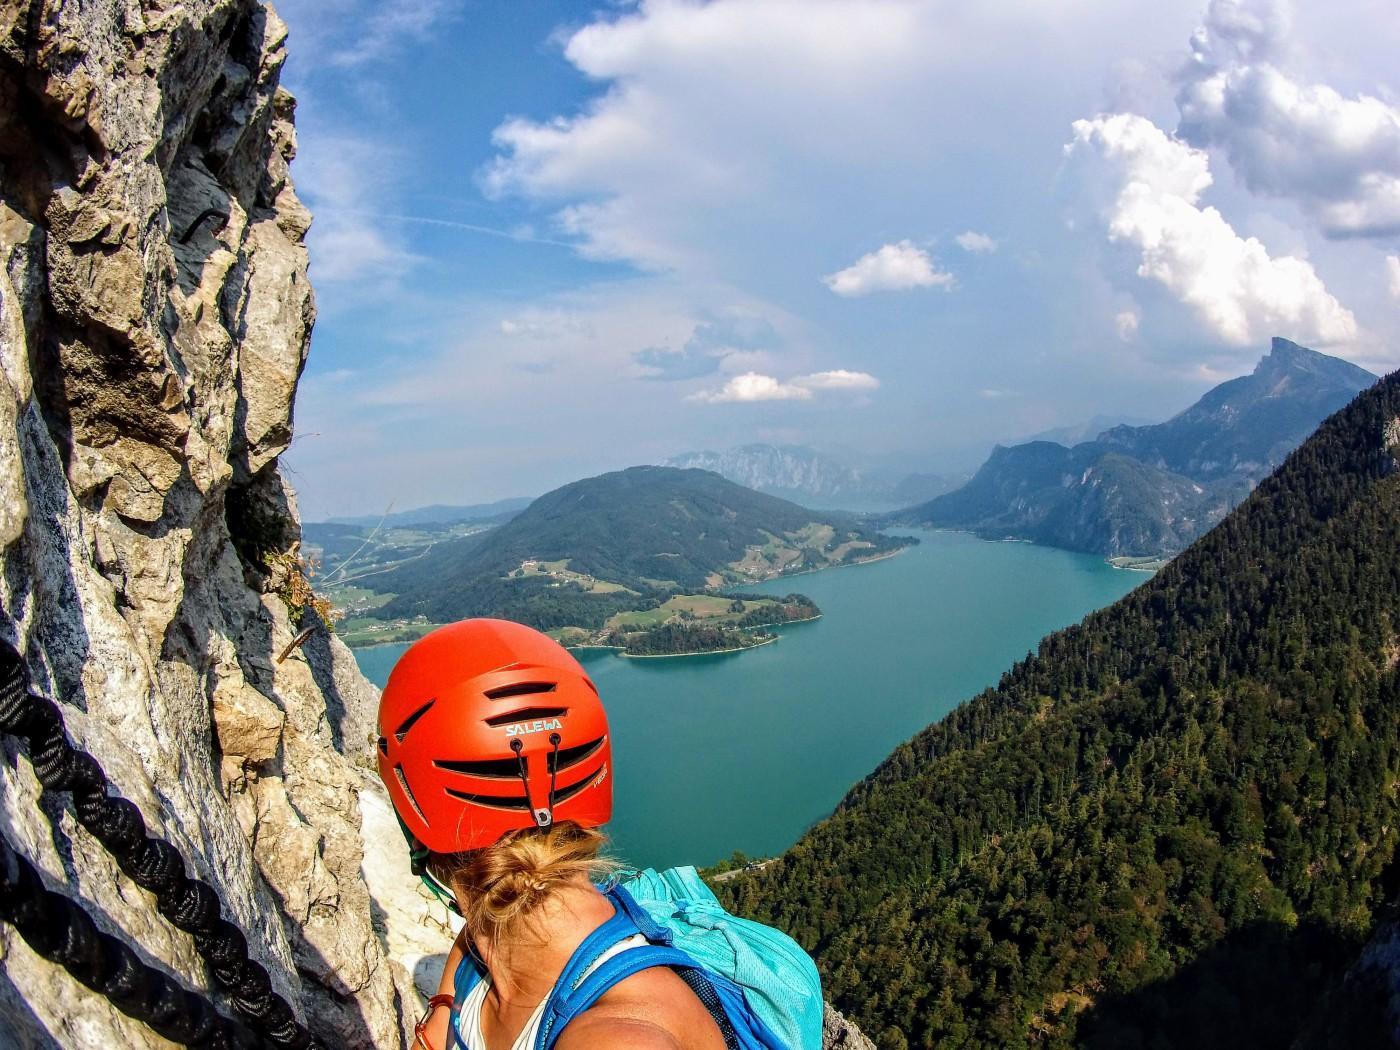 Klettersteigset Gebraucht Kaufen : Drachenwand klettersteig mondsee u2013 bergseensucht